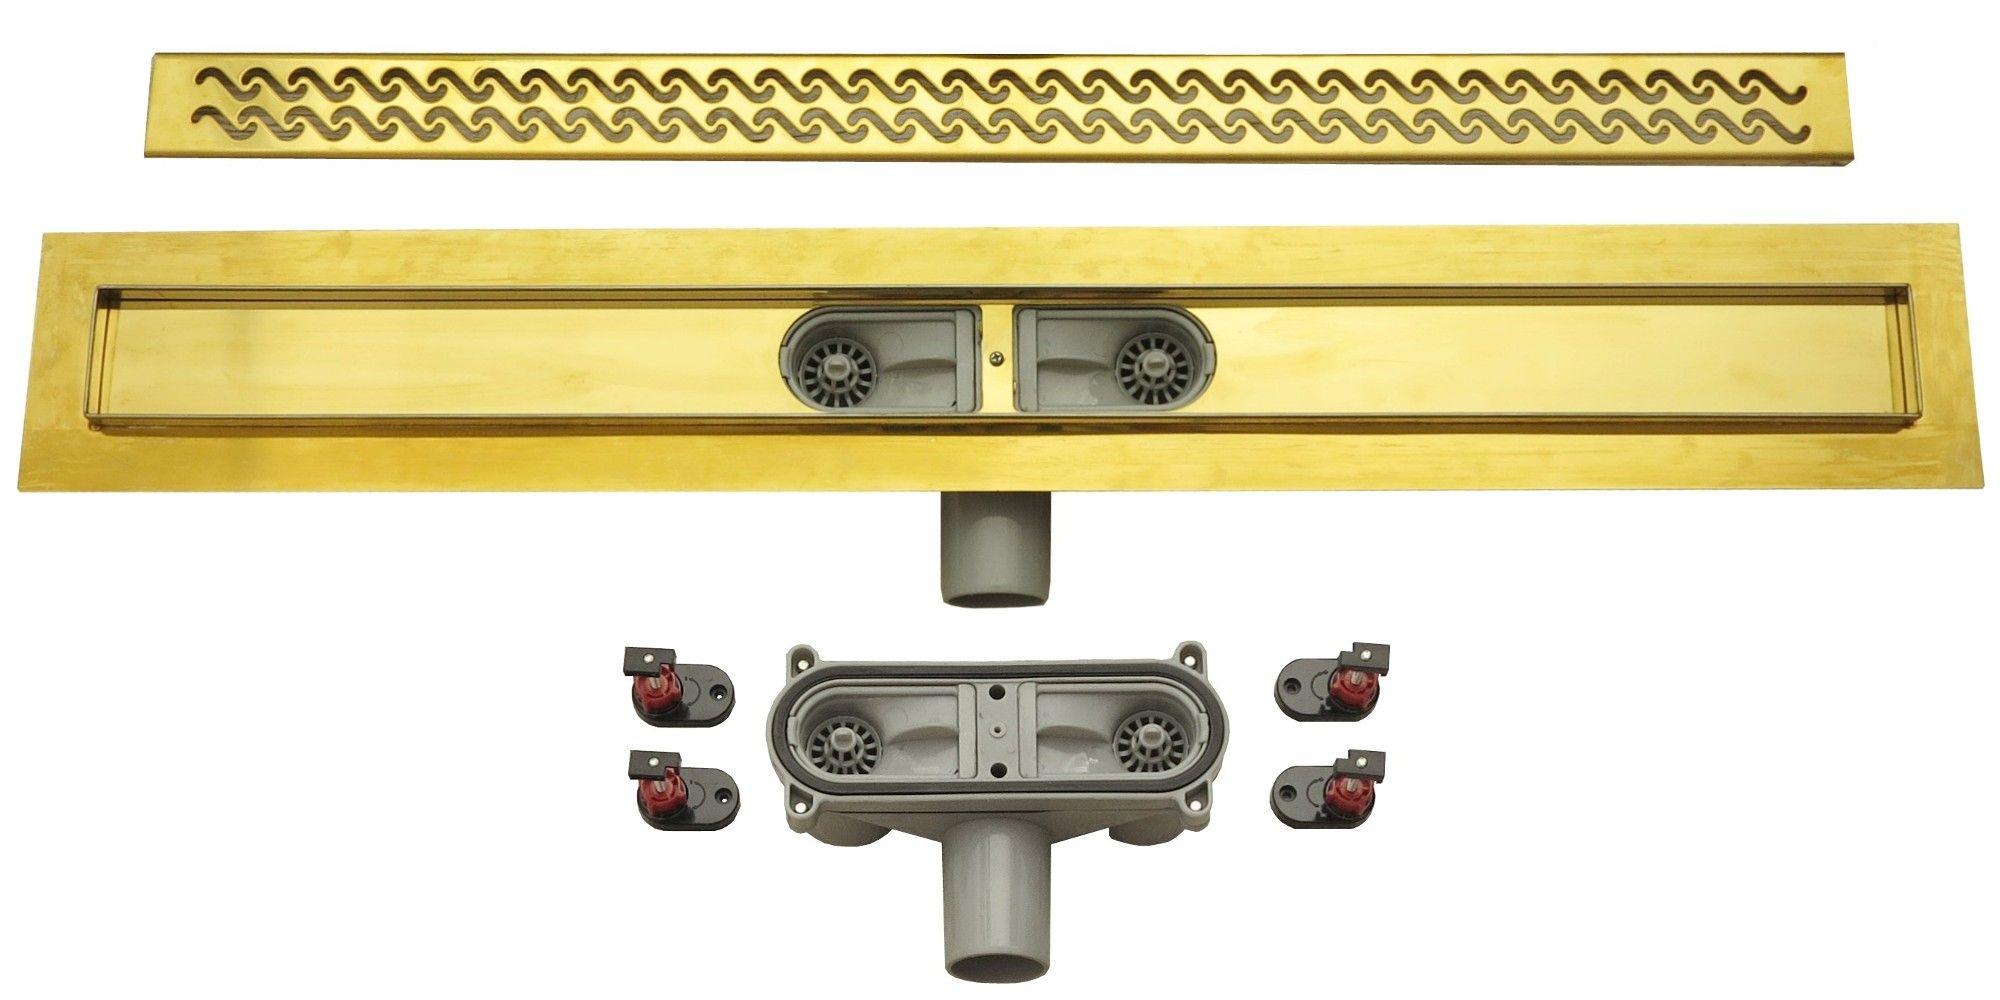 duschrinne ablaufrinne duschablauf bodenablauf 80cm siphon ablauf bad rinne gold ebay. Black Bedroom Furniture Sets. Home Design Ideas